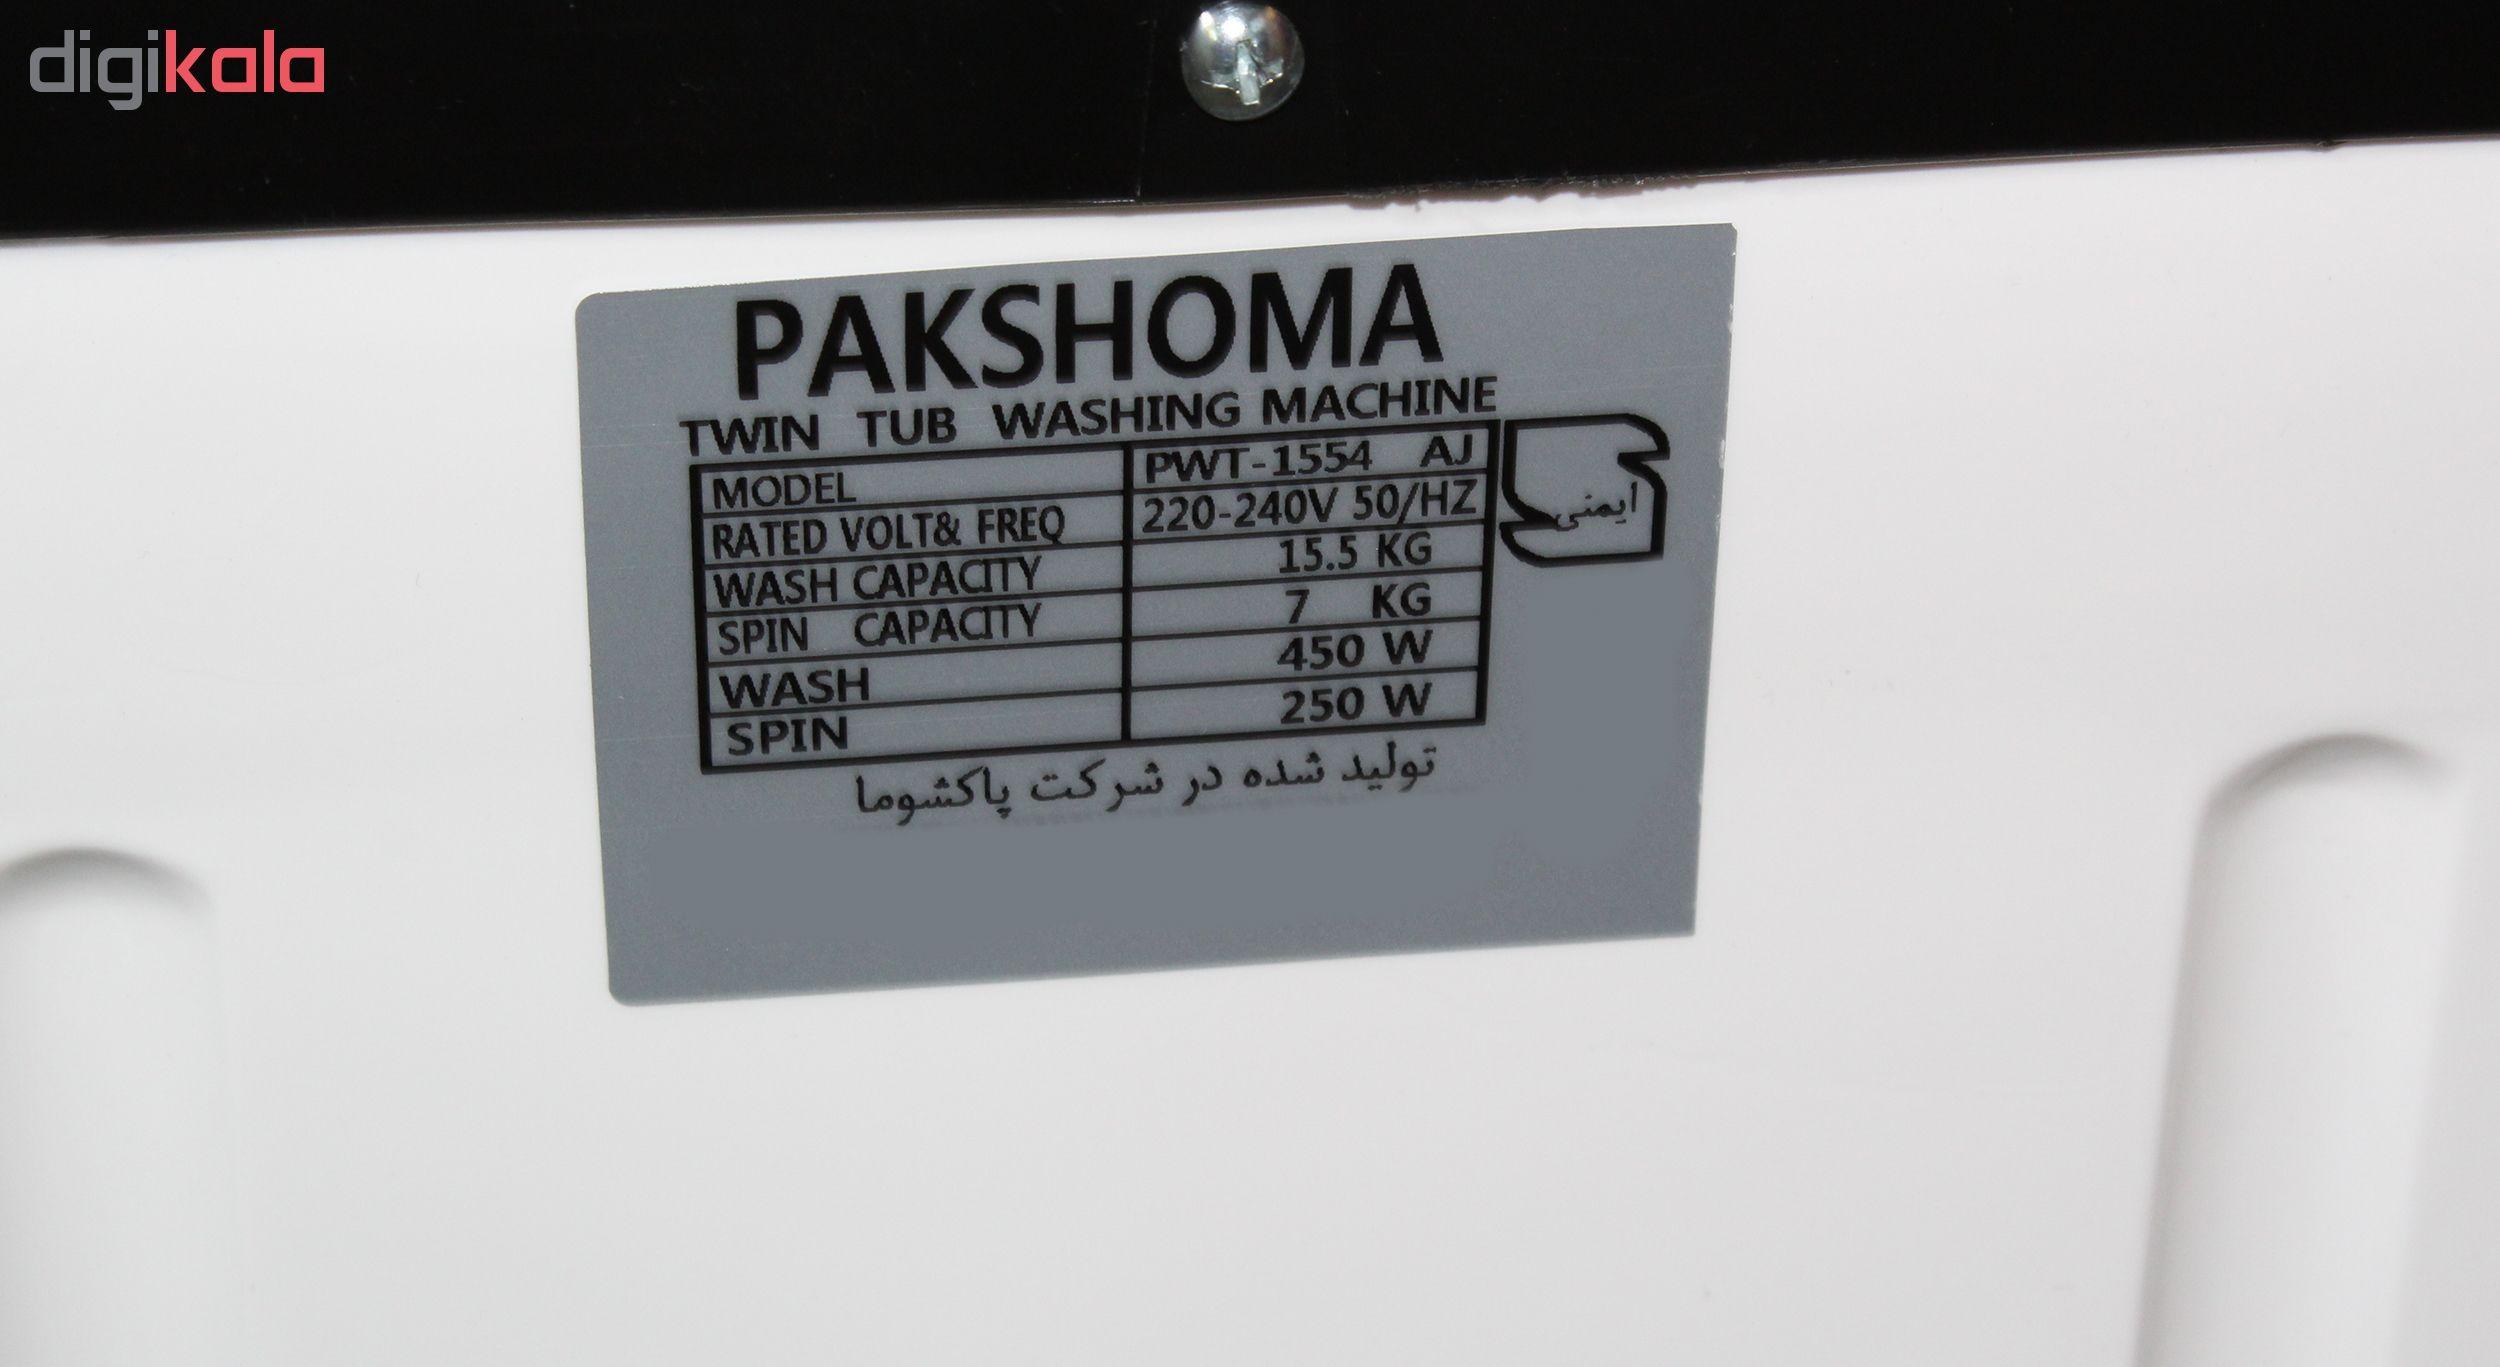 ماشین لباسشویی پاکشوما مدل PWT-1554AJ ظرفیت 15.5 کیلوگرم main 1 10